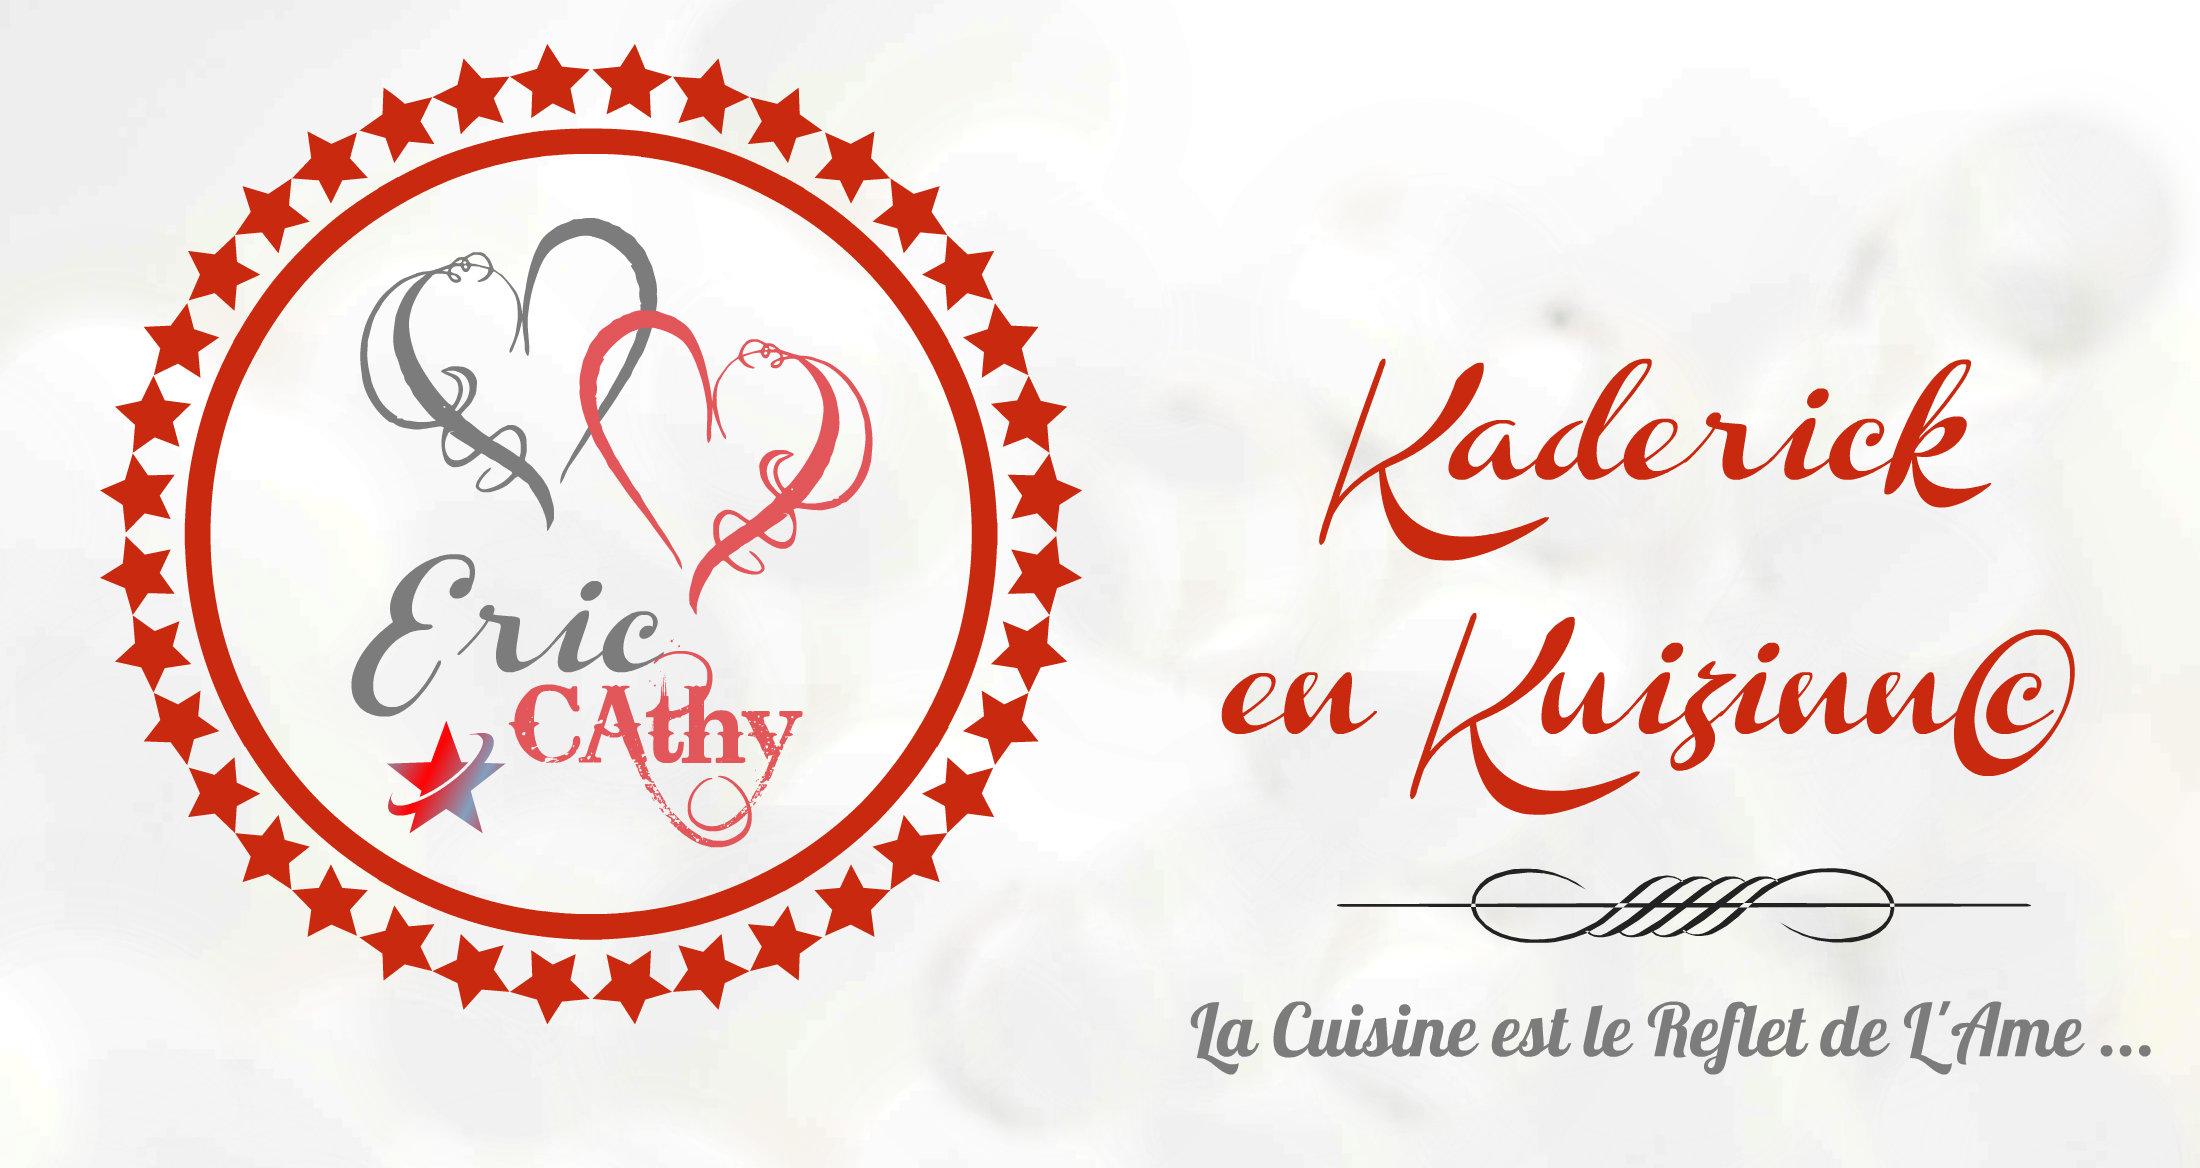 Banniere blog de cuisine Kaderick en Kuizinn